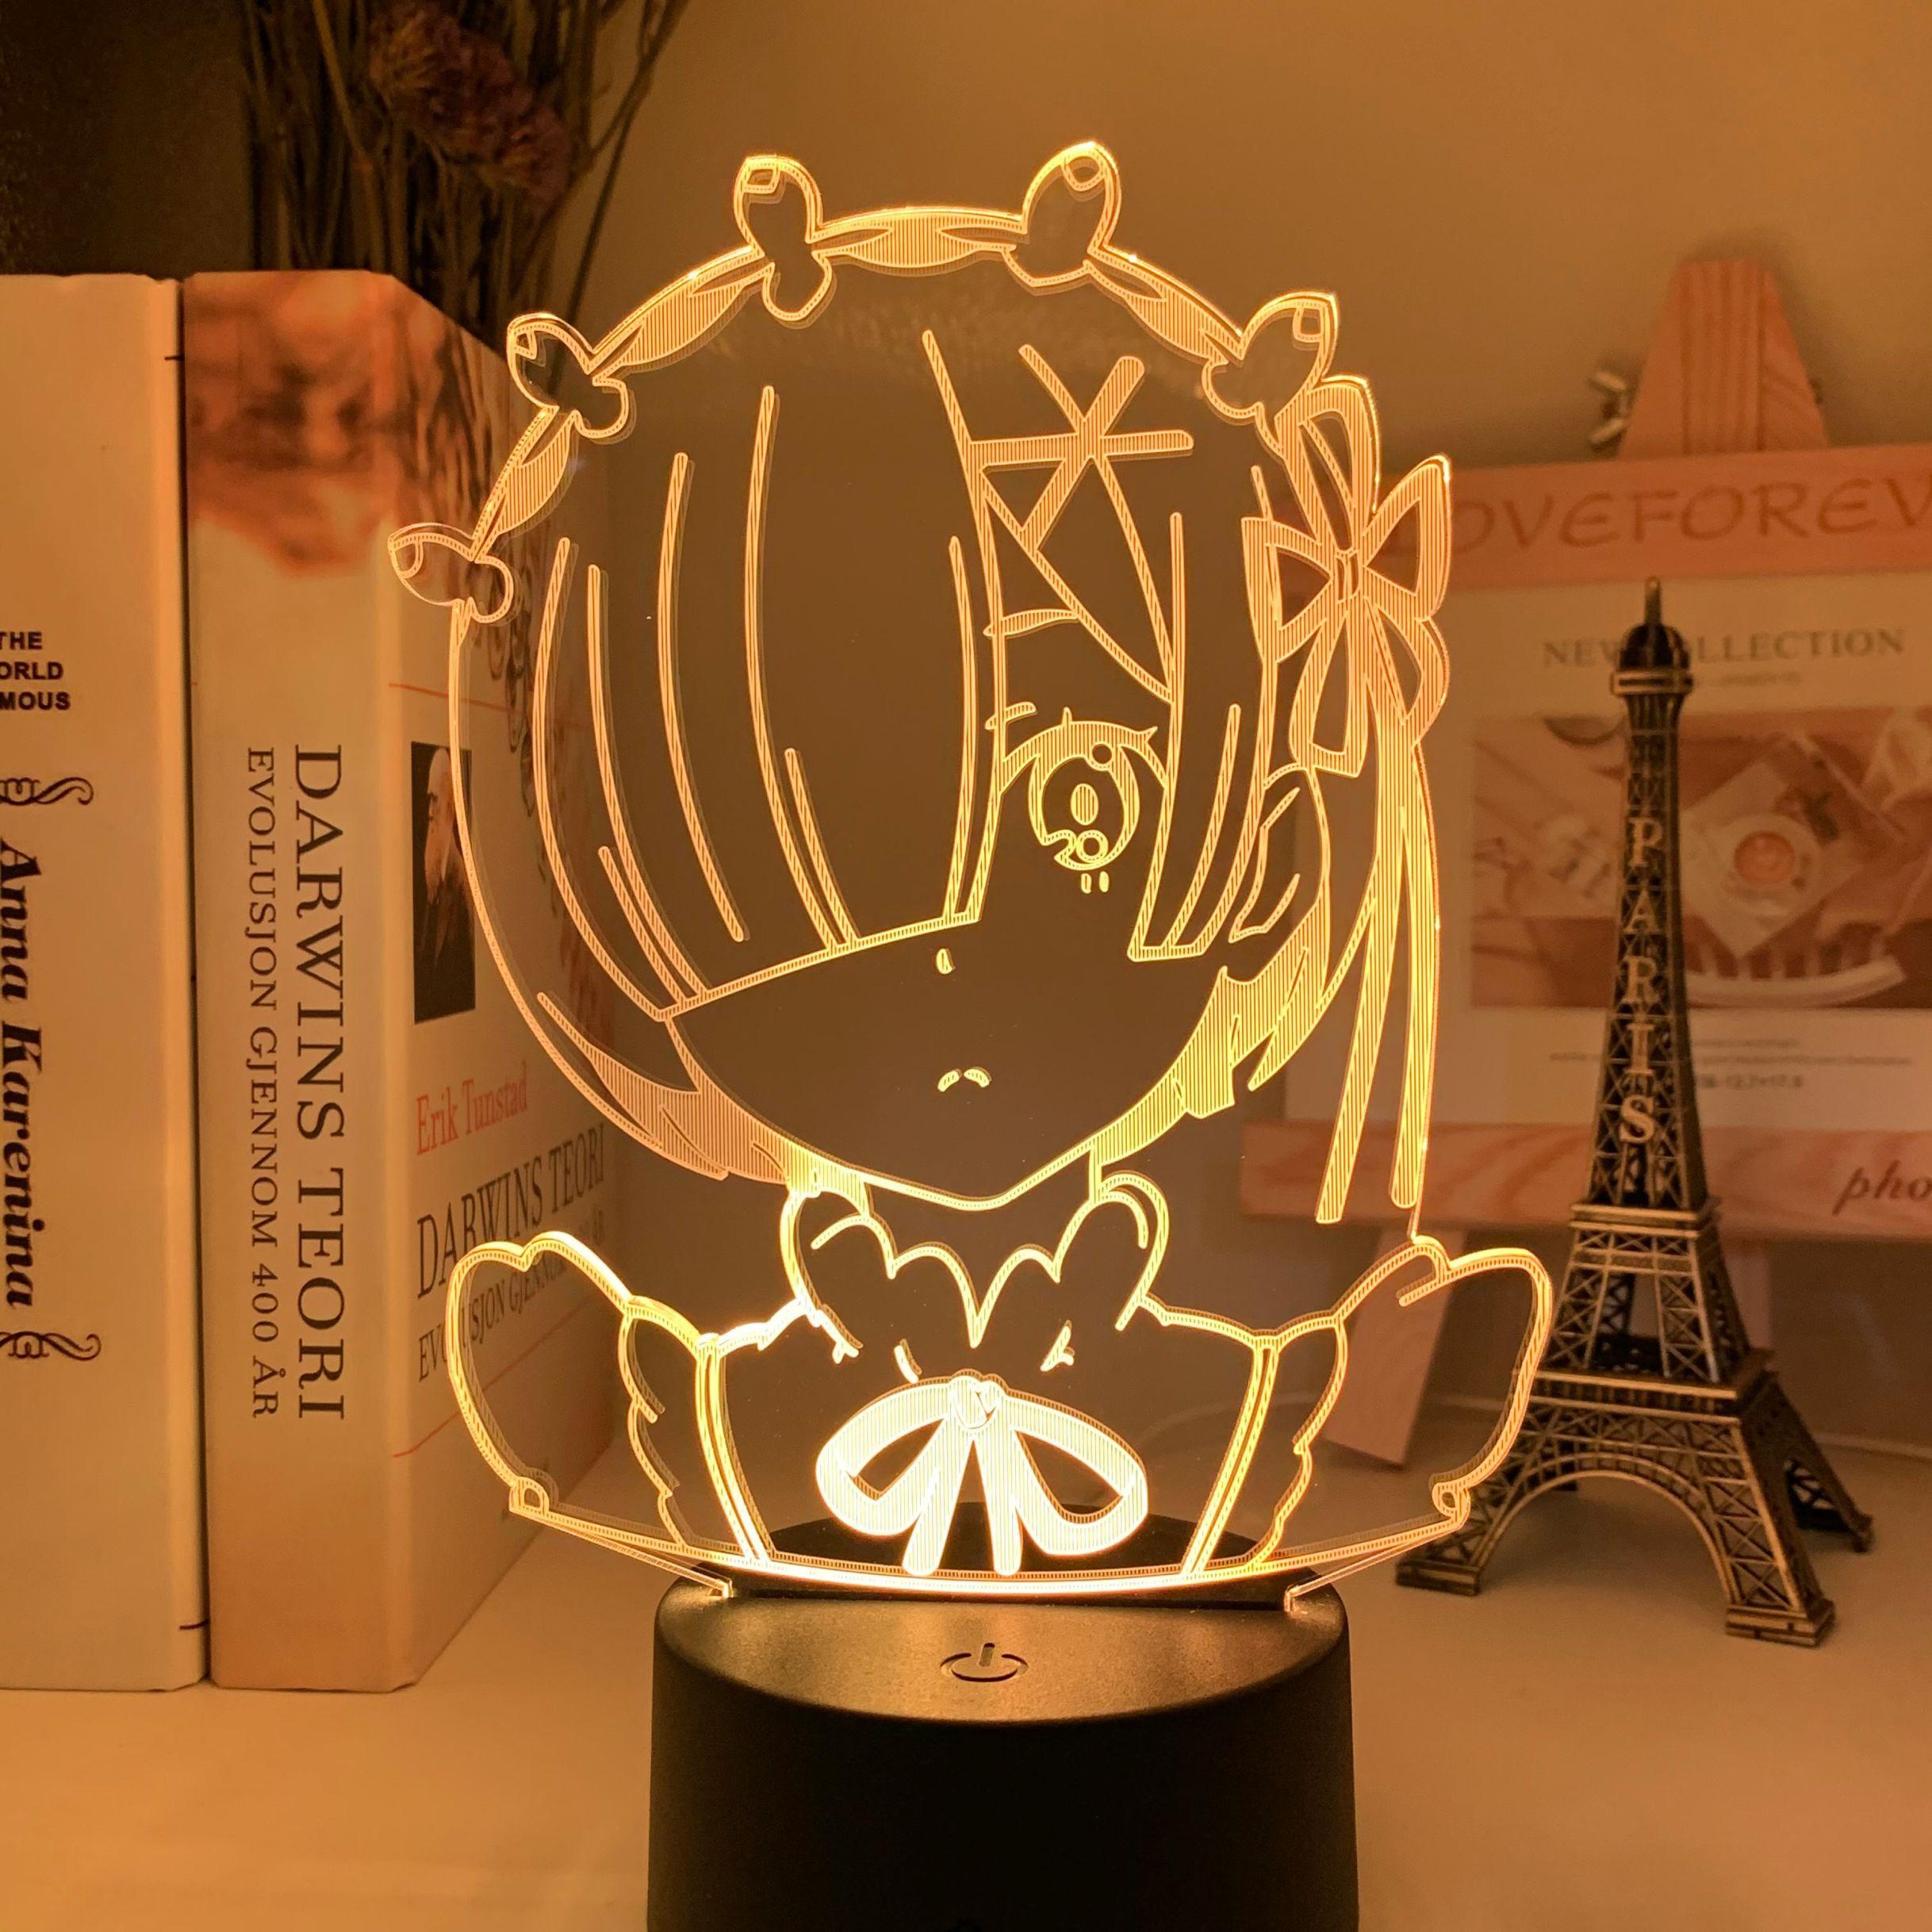 H12f383069862472f996c3dc790fed9ebD Luminária Anime rem re zero starting life in another world figura luz da noite led sensor de toque mudança cor do bebê nightlight para decoração do quarto lâmpada mesa 3d manga presente